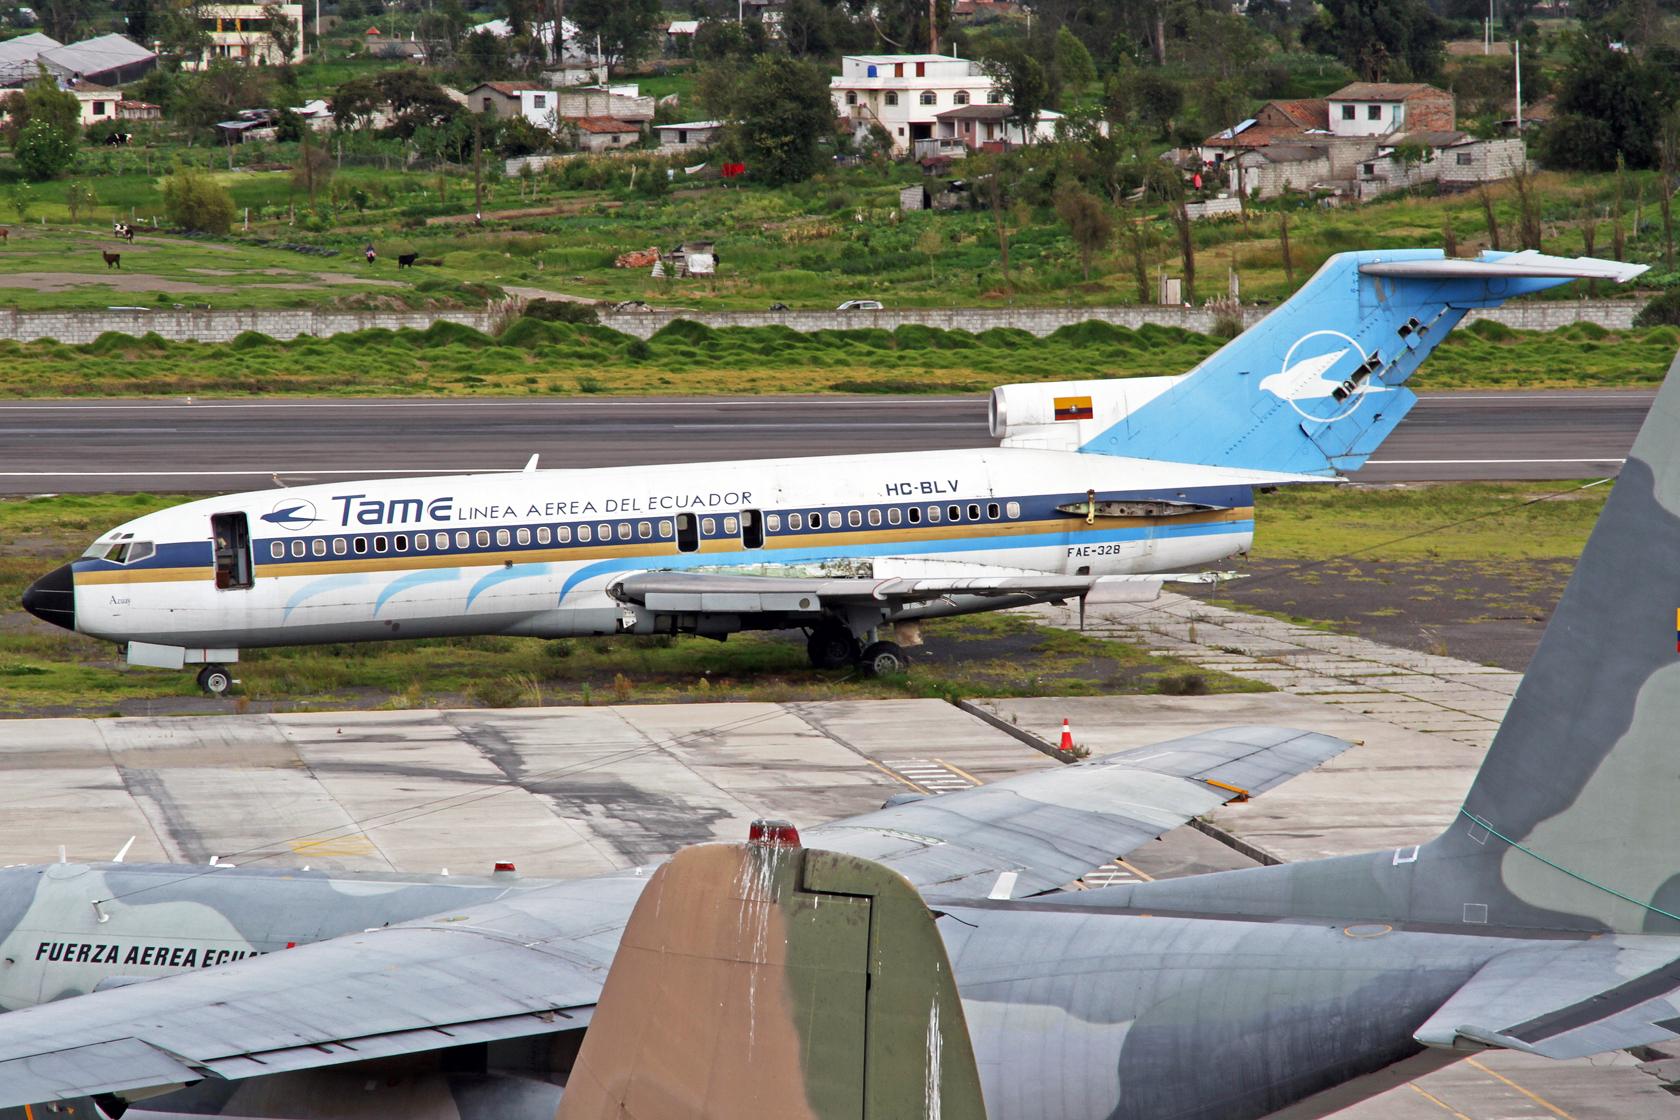 """TAME Boeing 727-017 HC-BLV (FAE-328) """"Azuay"""" - Auf dem Flughafen Latacunga gibt es auch eine """"Wrecks & Relics"""" Ecke. Leider kann man von den dort abgestellten Maschinen nur sehr schwer Fotos machen. Deshalb hier nur beispielhaft diese ehemalige CP Air 727"""